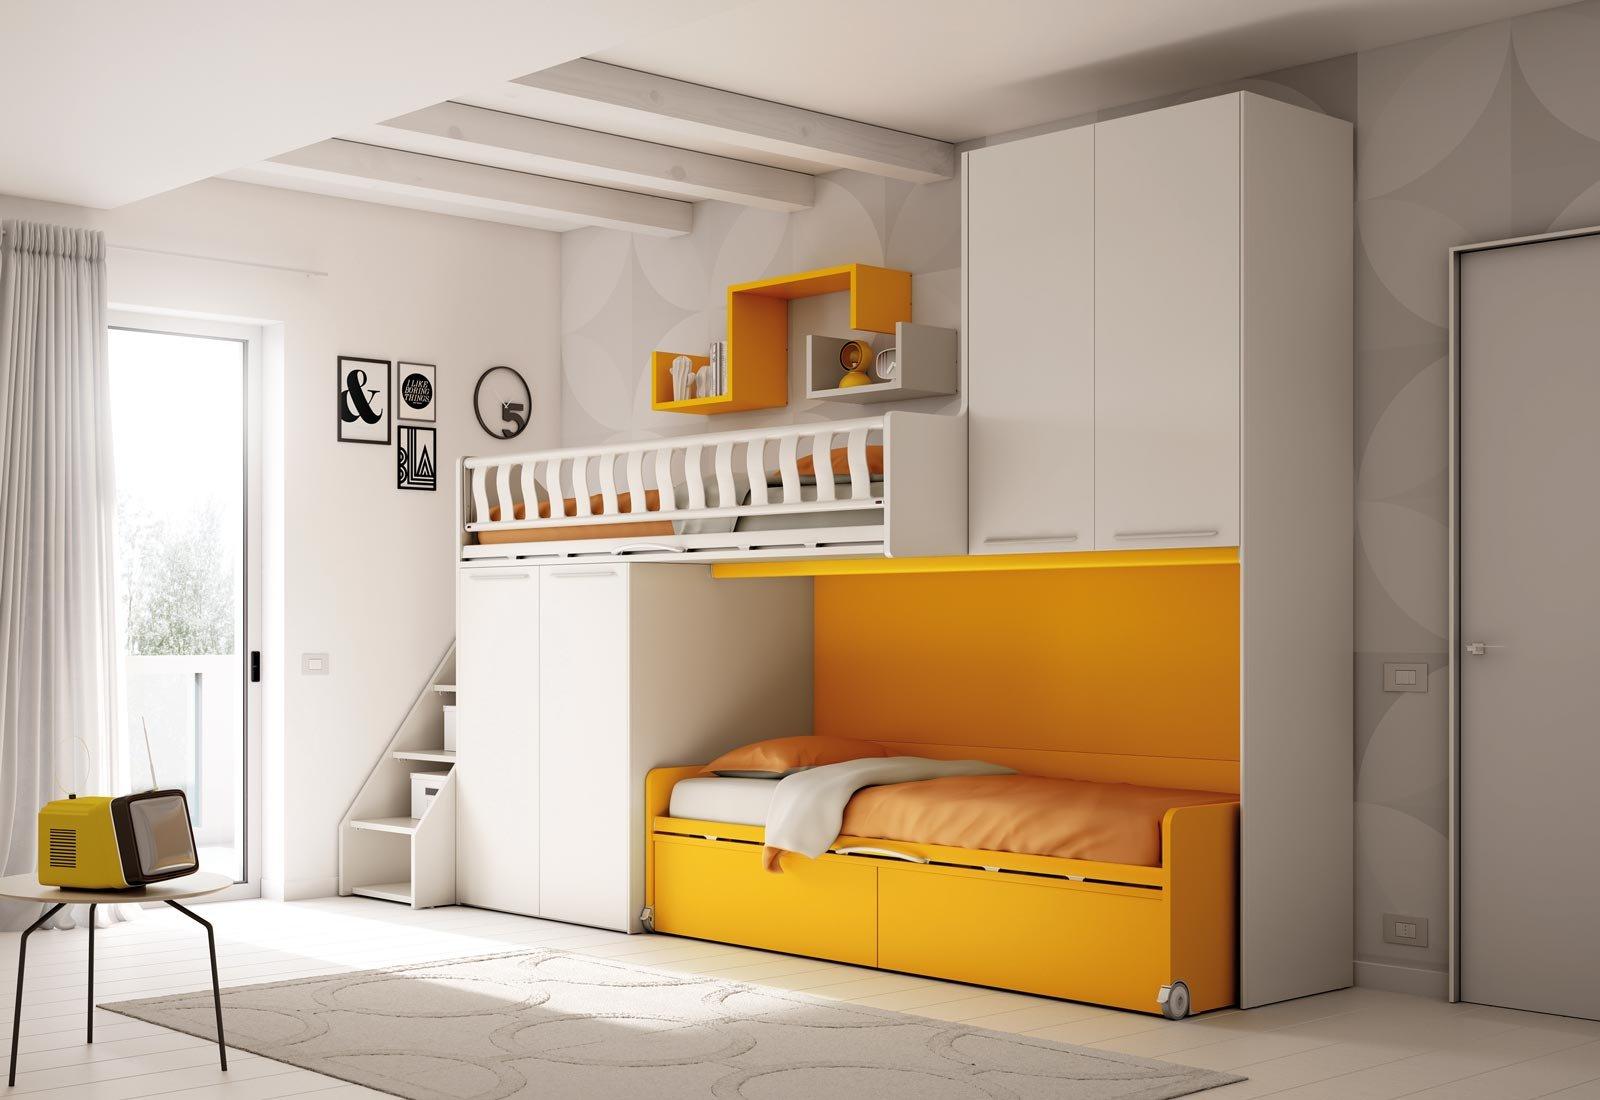 Armadio Letto A Scomparsa Ikea.Scegliere La Cameretta 14 Soluzioni Per Tutti Gli Spazi Cose Di